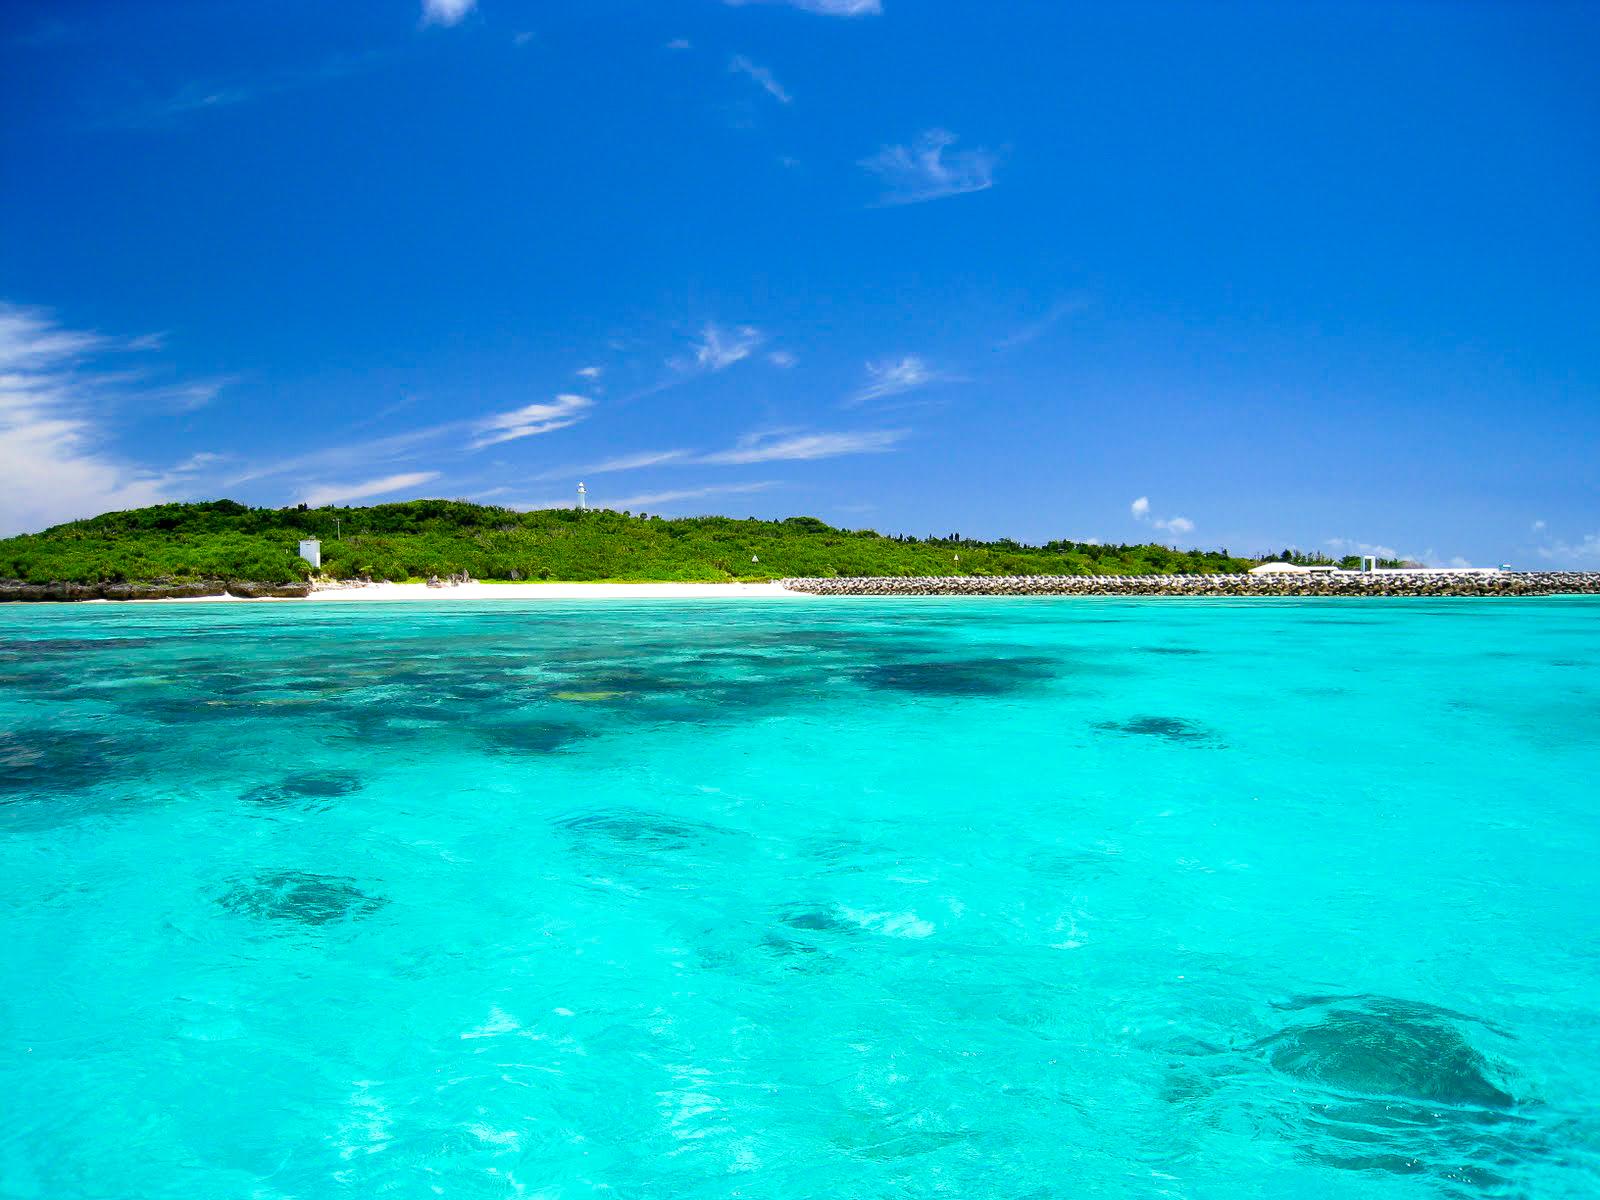 日本とは思えない程のきれいな水色の海